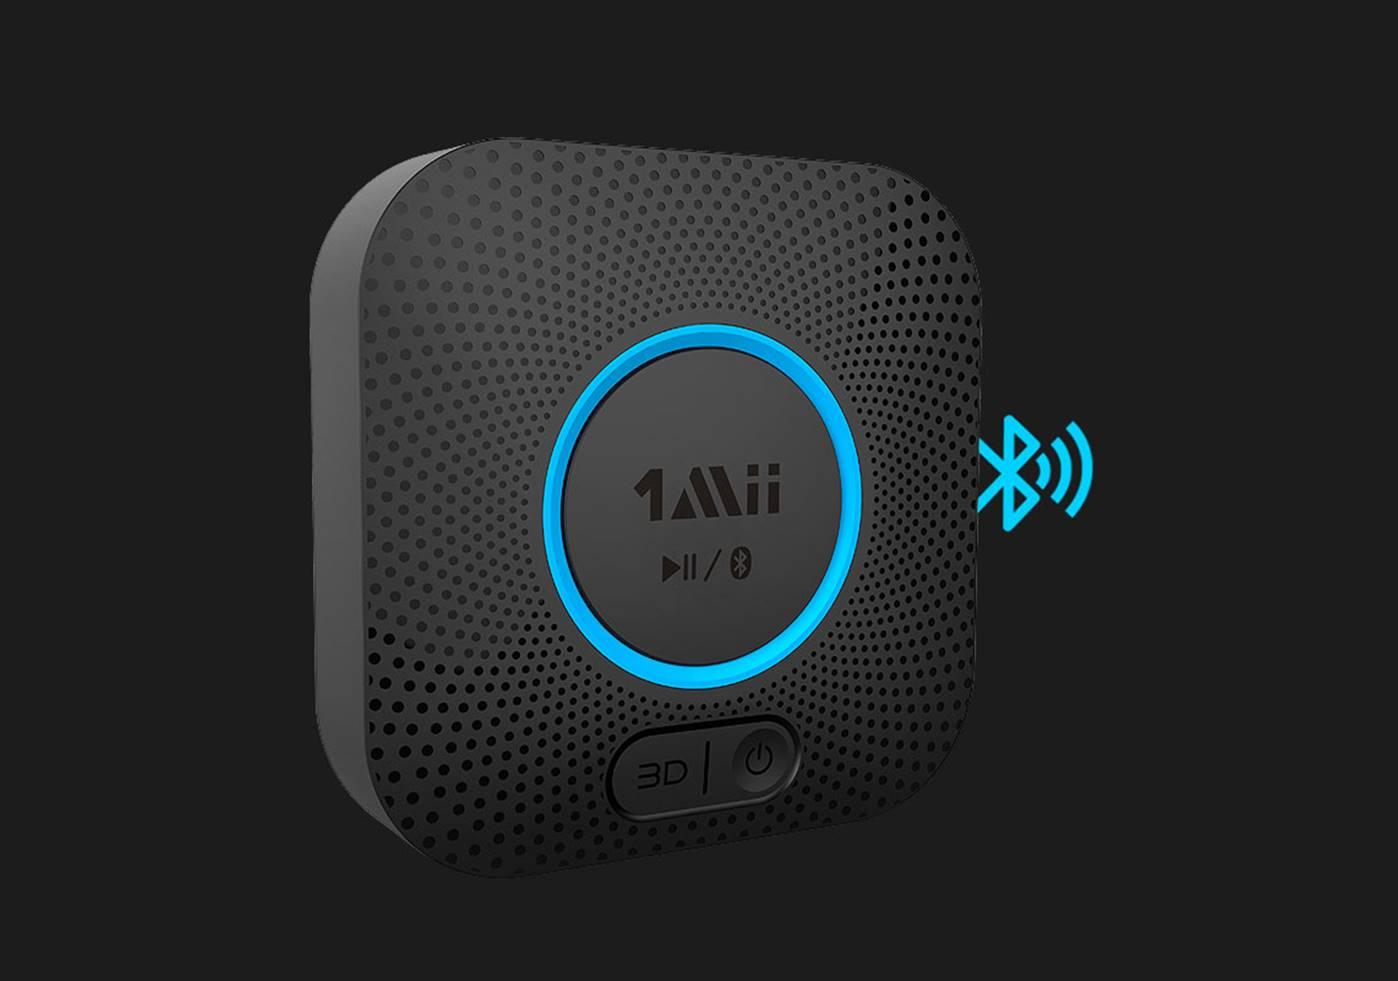 1Mii B06 Plus Bluetooth Audio Receiver (1)